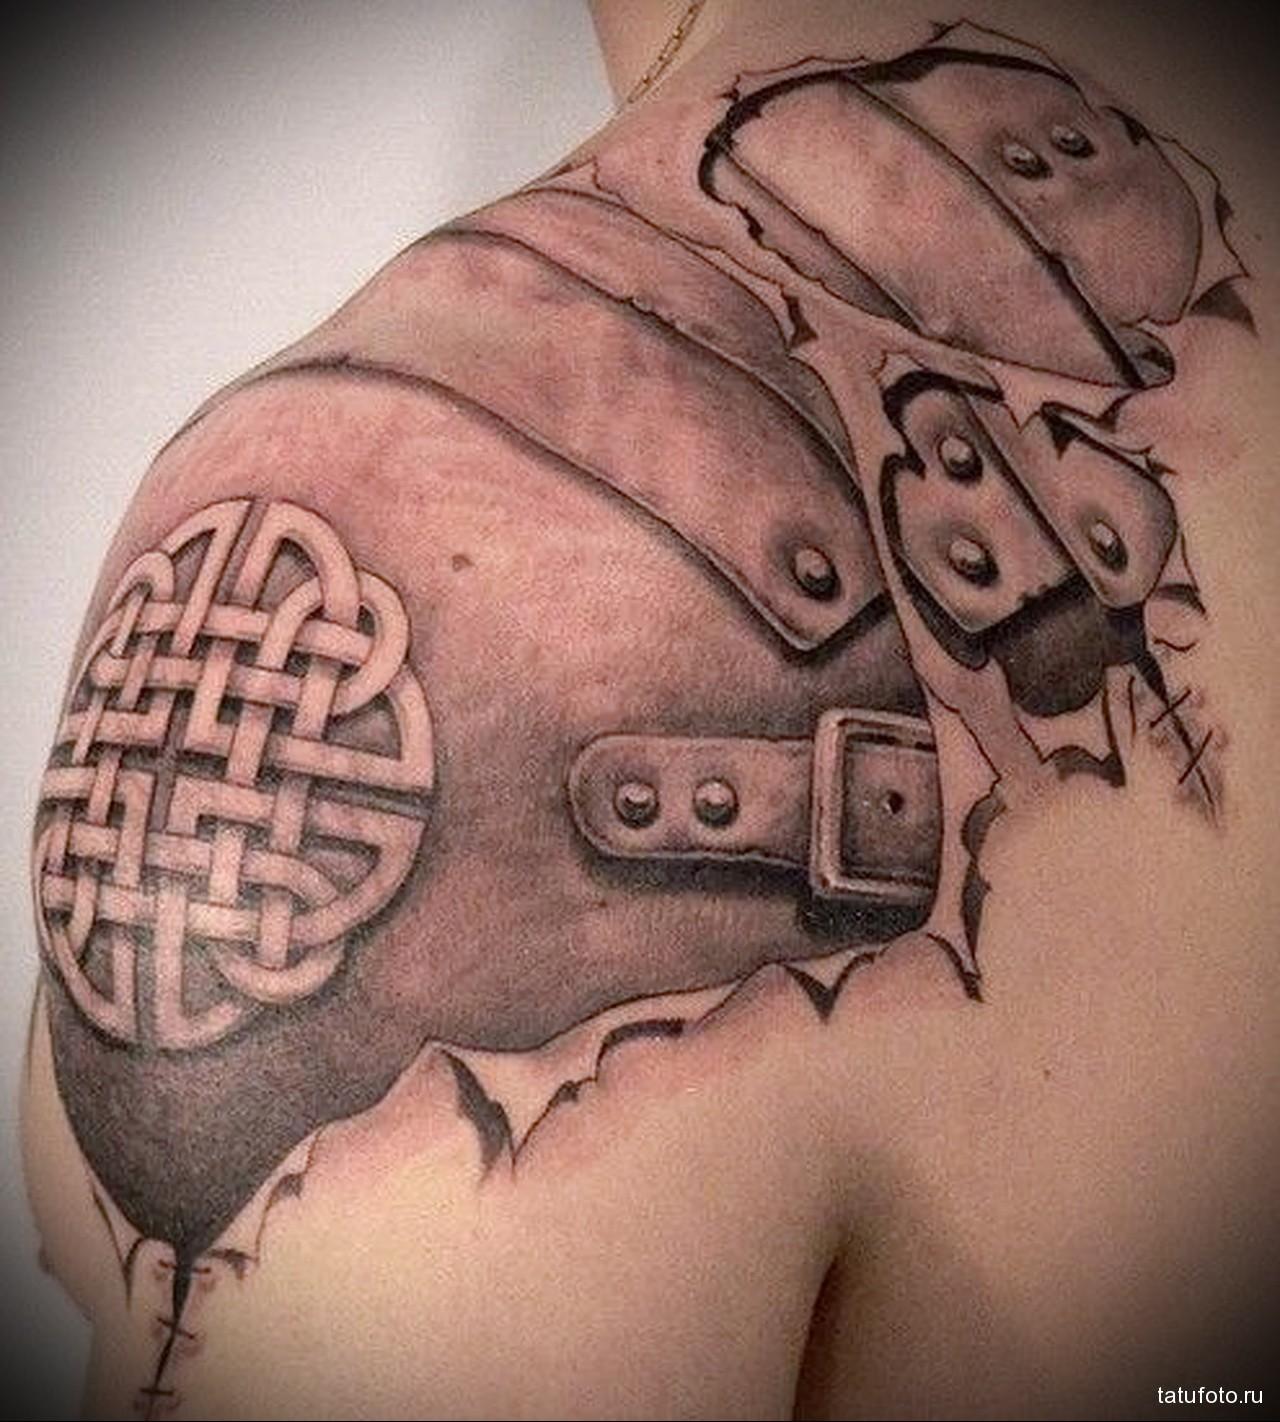 тату наплечник с символом (кажаный доспех) - мужская татуировка на плече